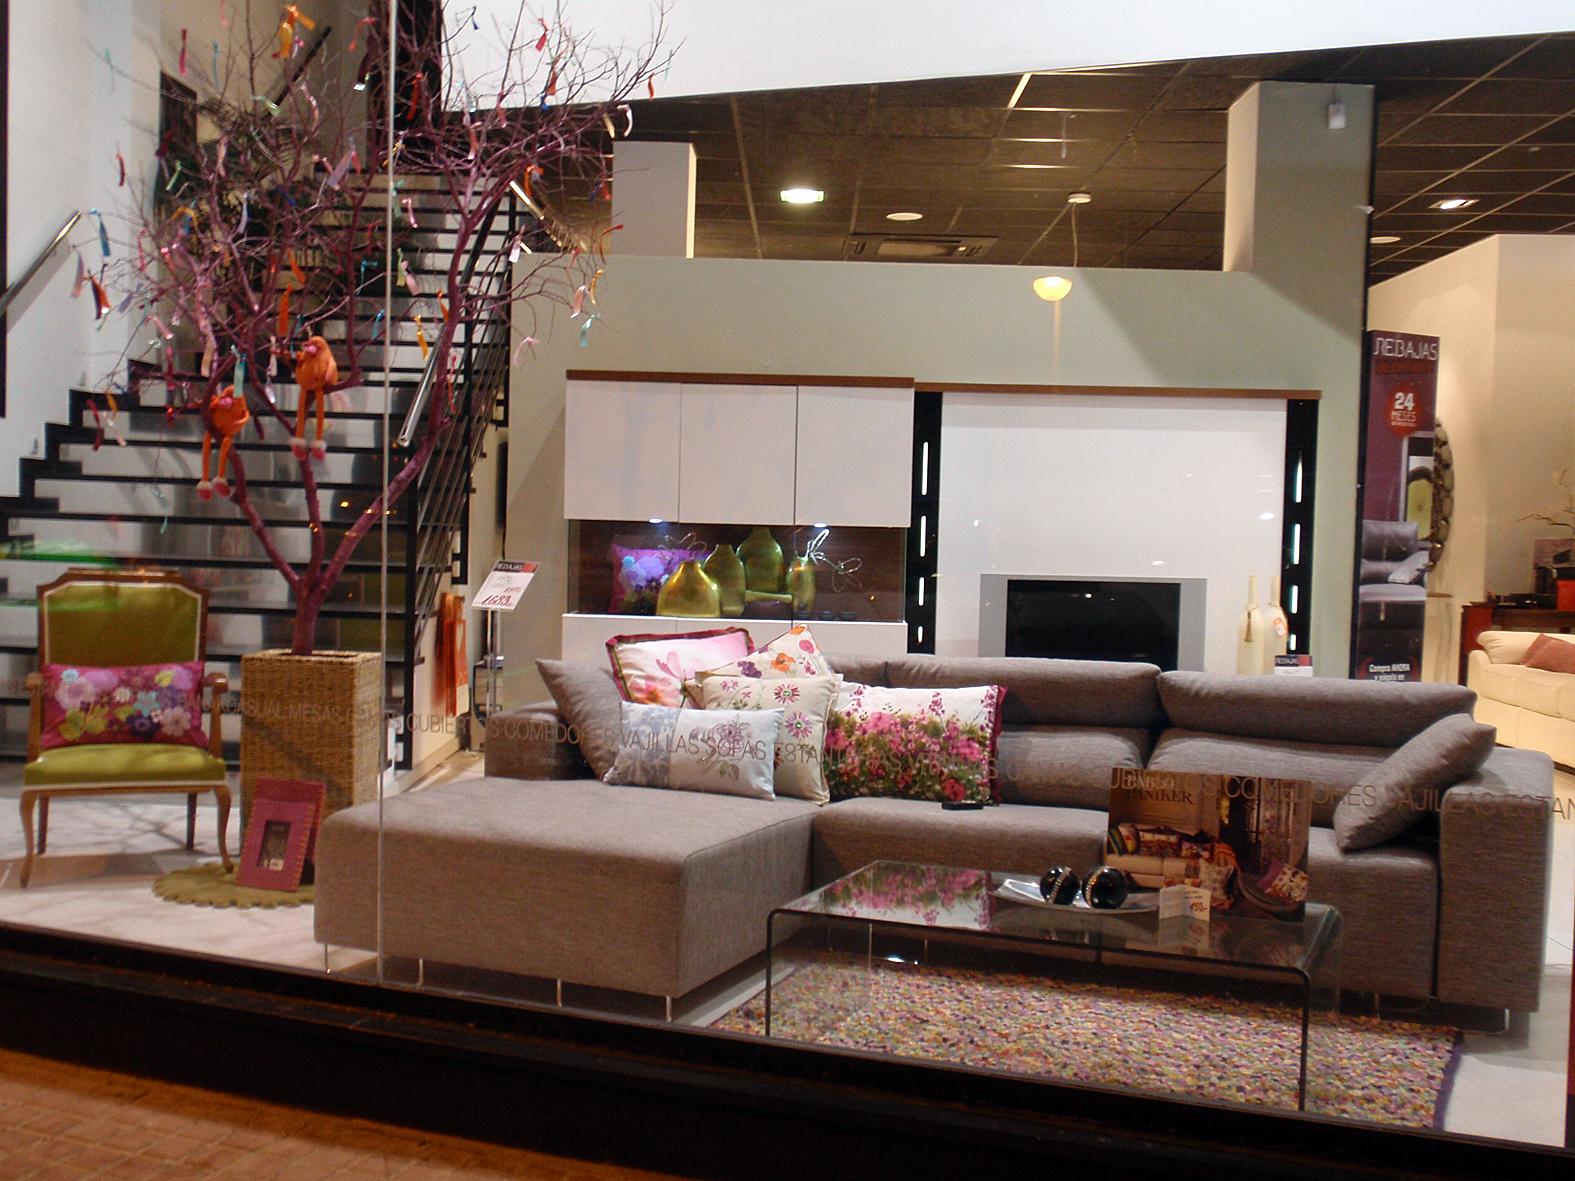 Nuevo escaparate primavera 2012 kimobel dise o muebles for Muebles para escaparates